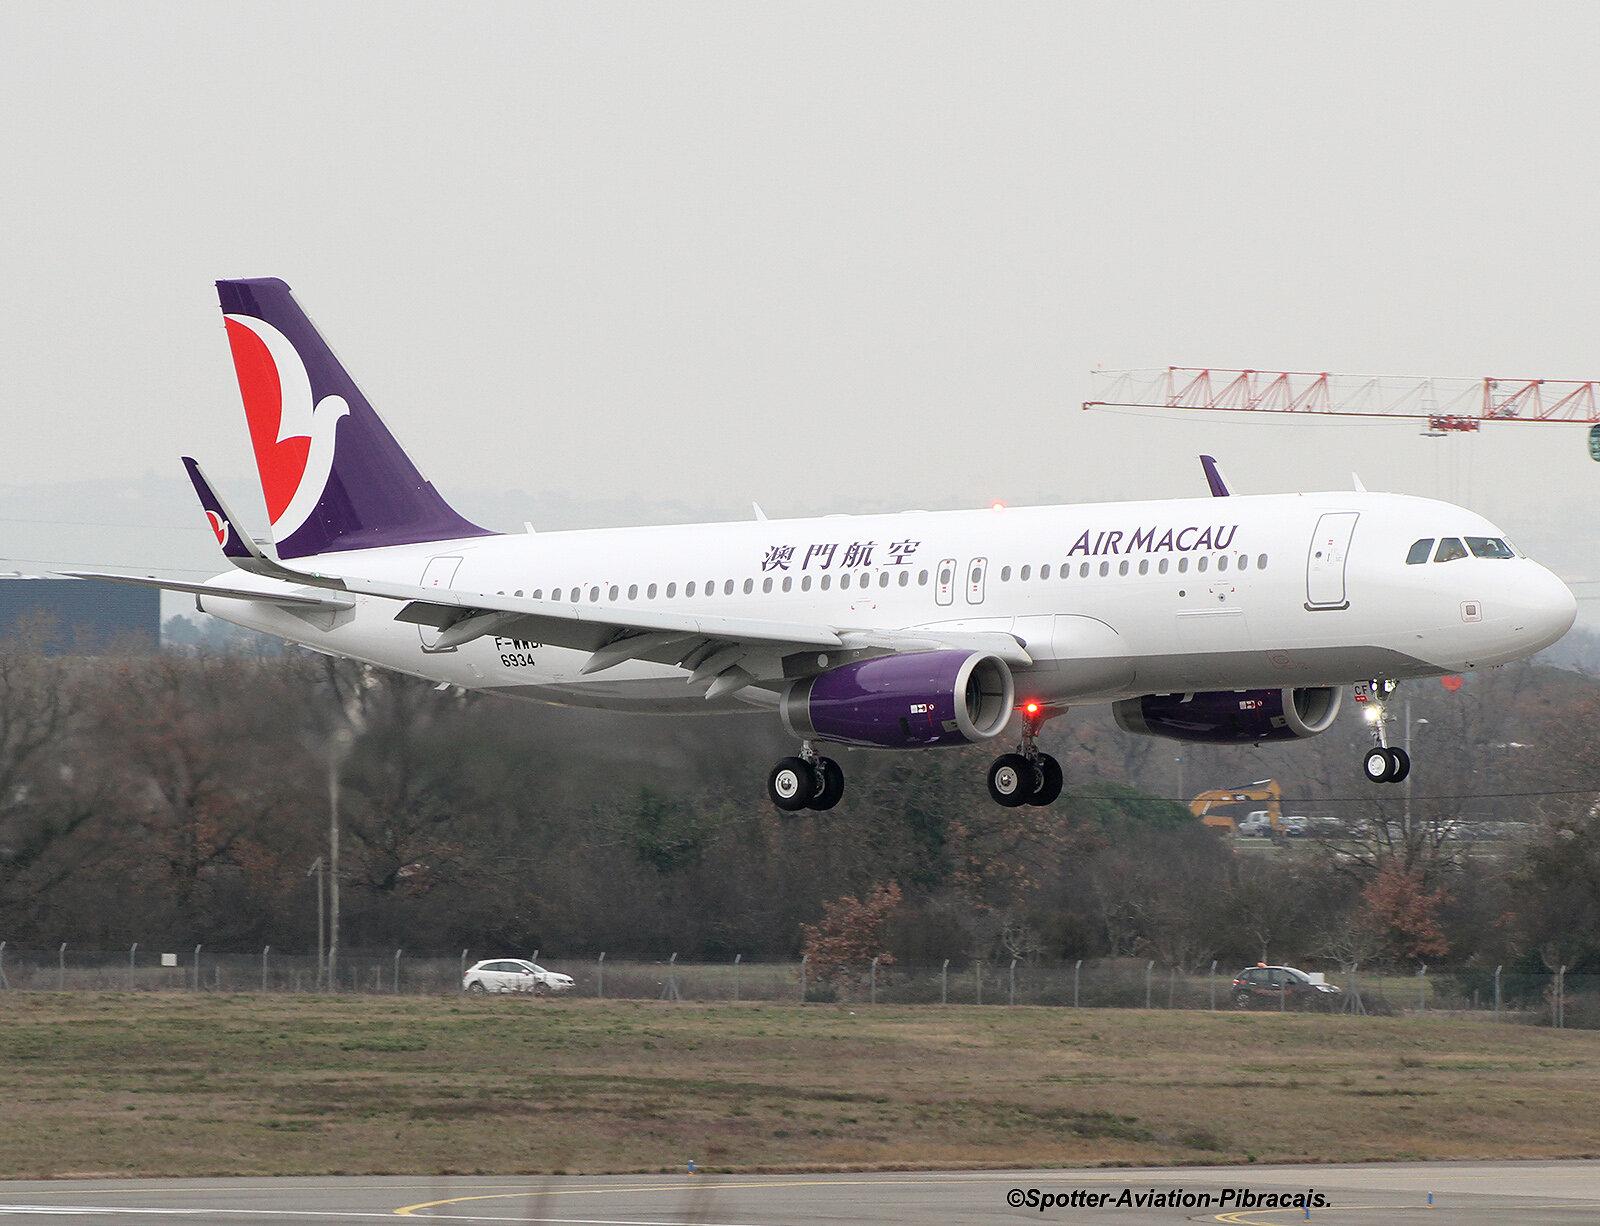 A roport toulouse blagnac tls lfbo air macau airbus a320 232 wl b mcf f wwdf msn 6934 - Aeroport blagnac adresse ...